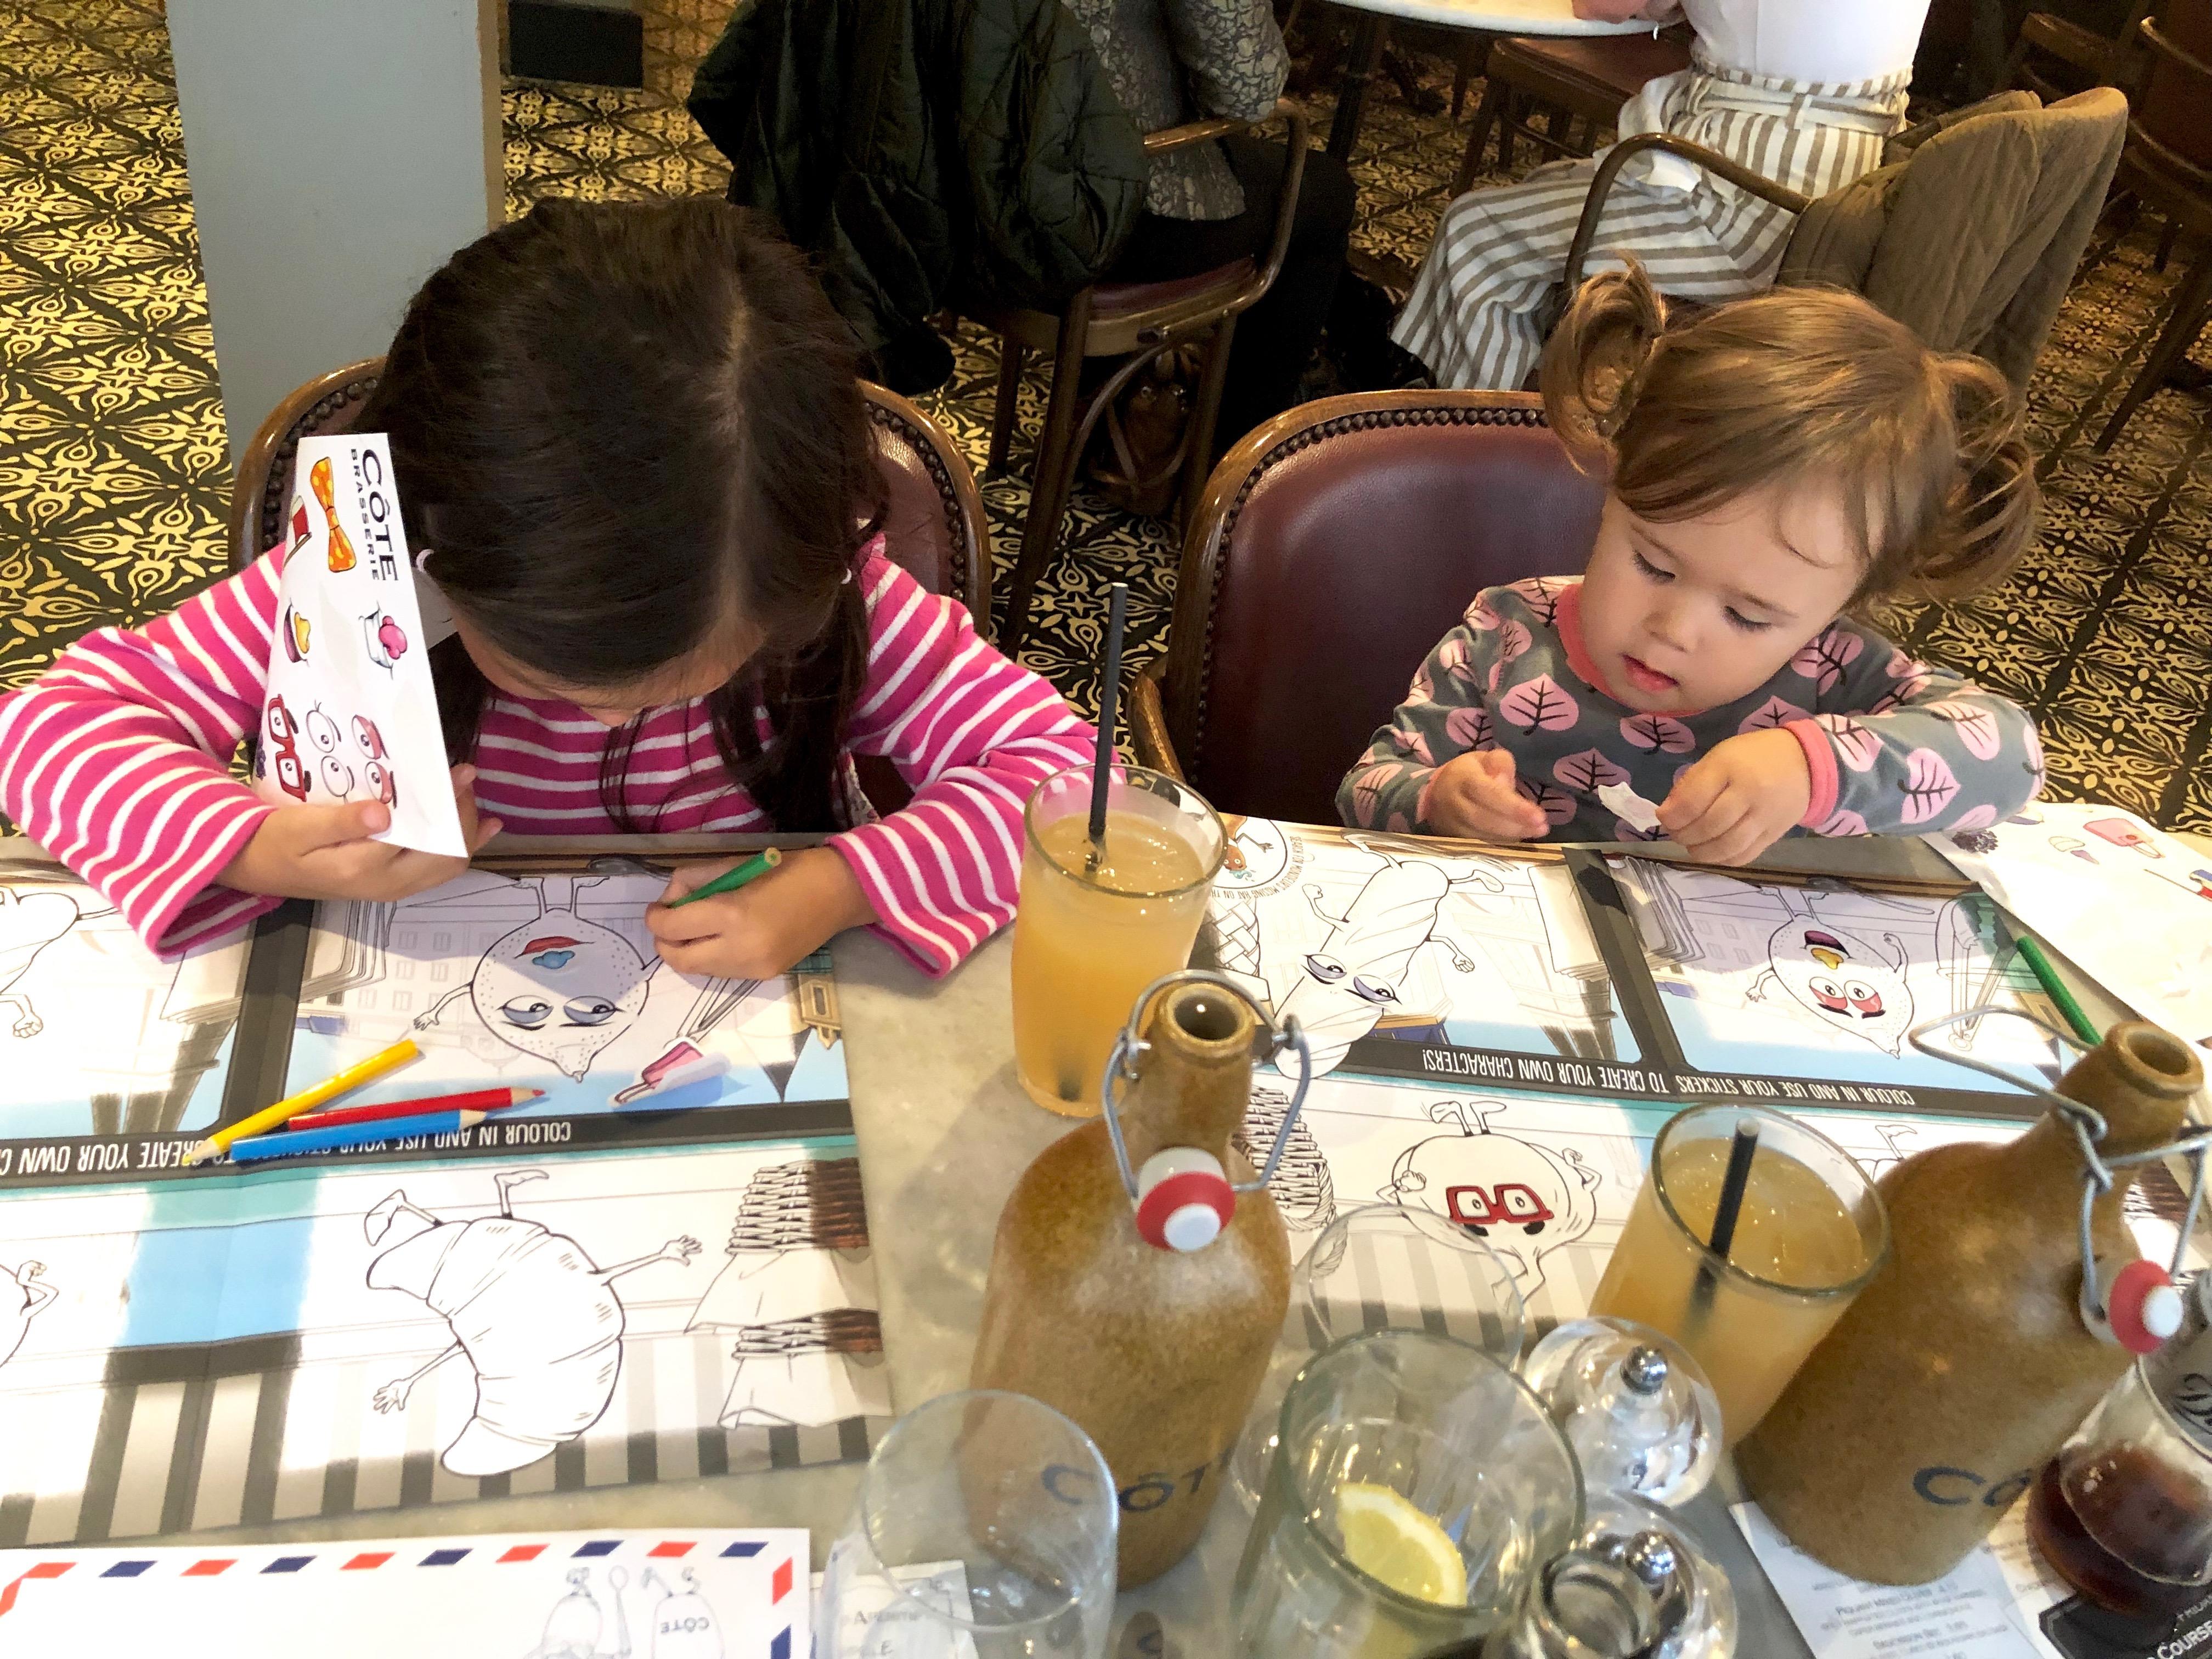 cote brasserie childrens menu